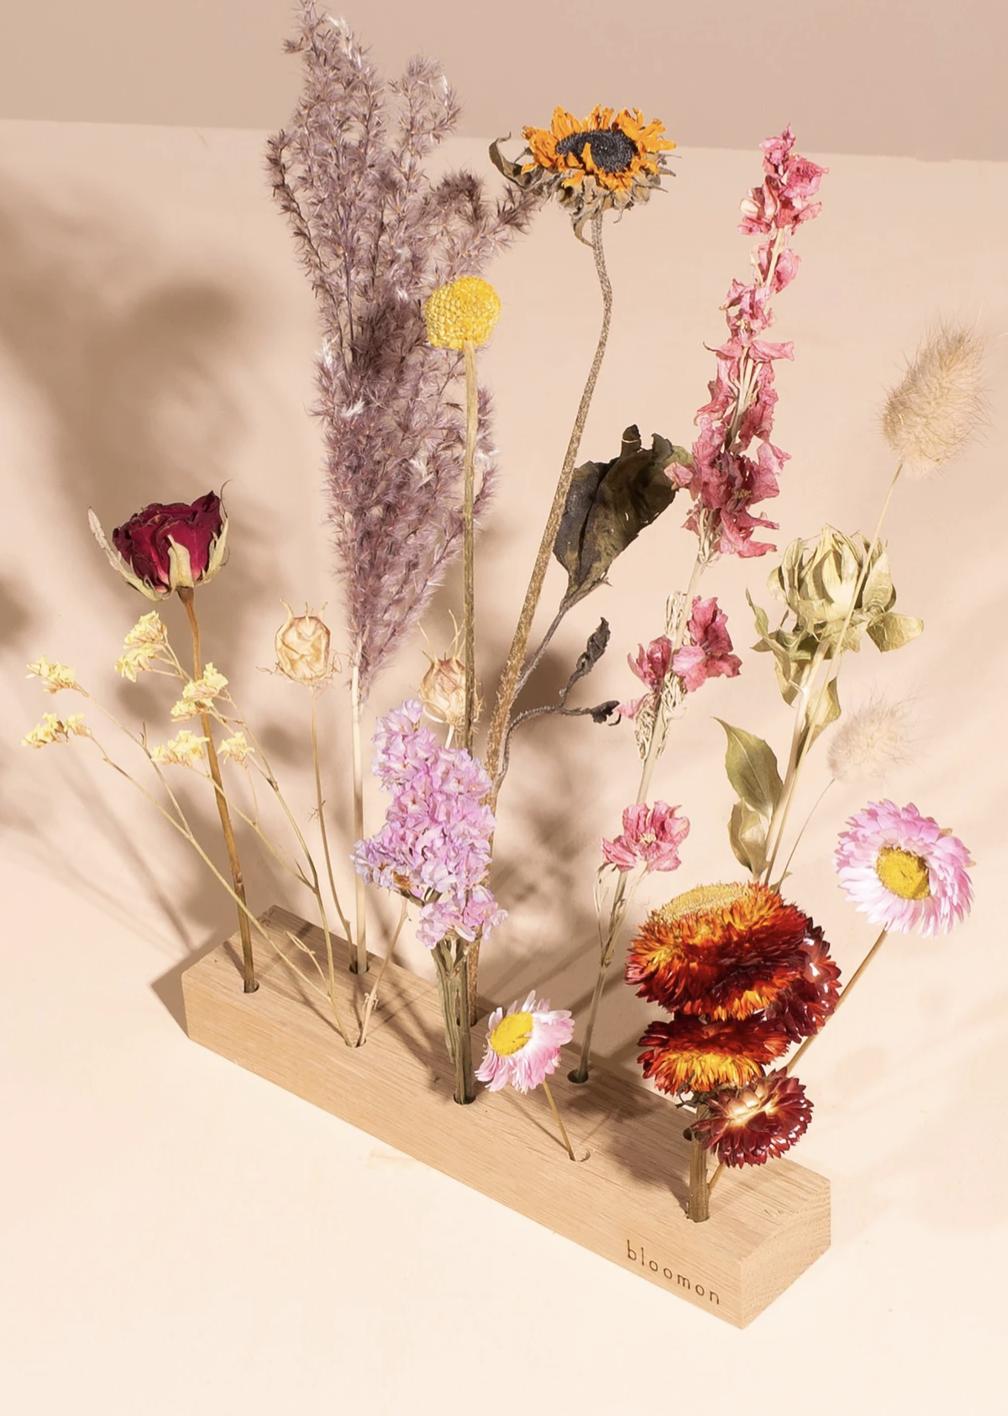 Houder met bloemen - Indian Summer-2